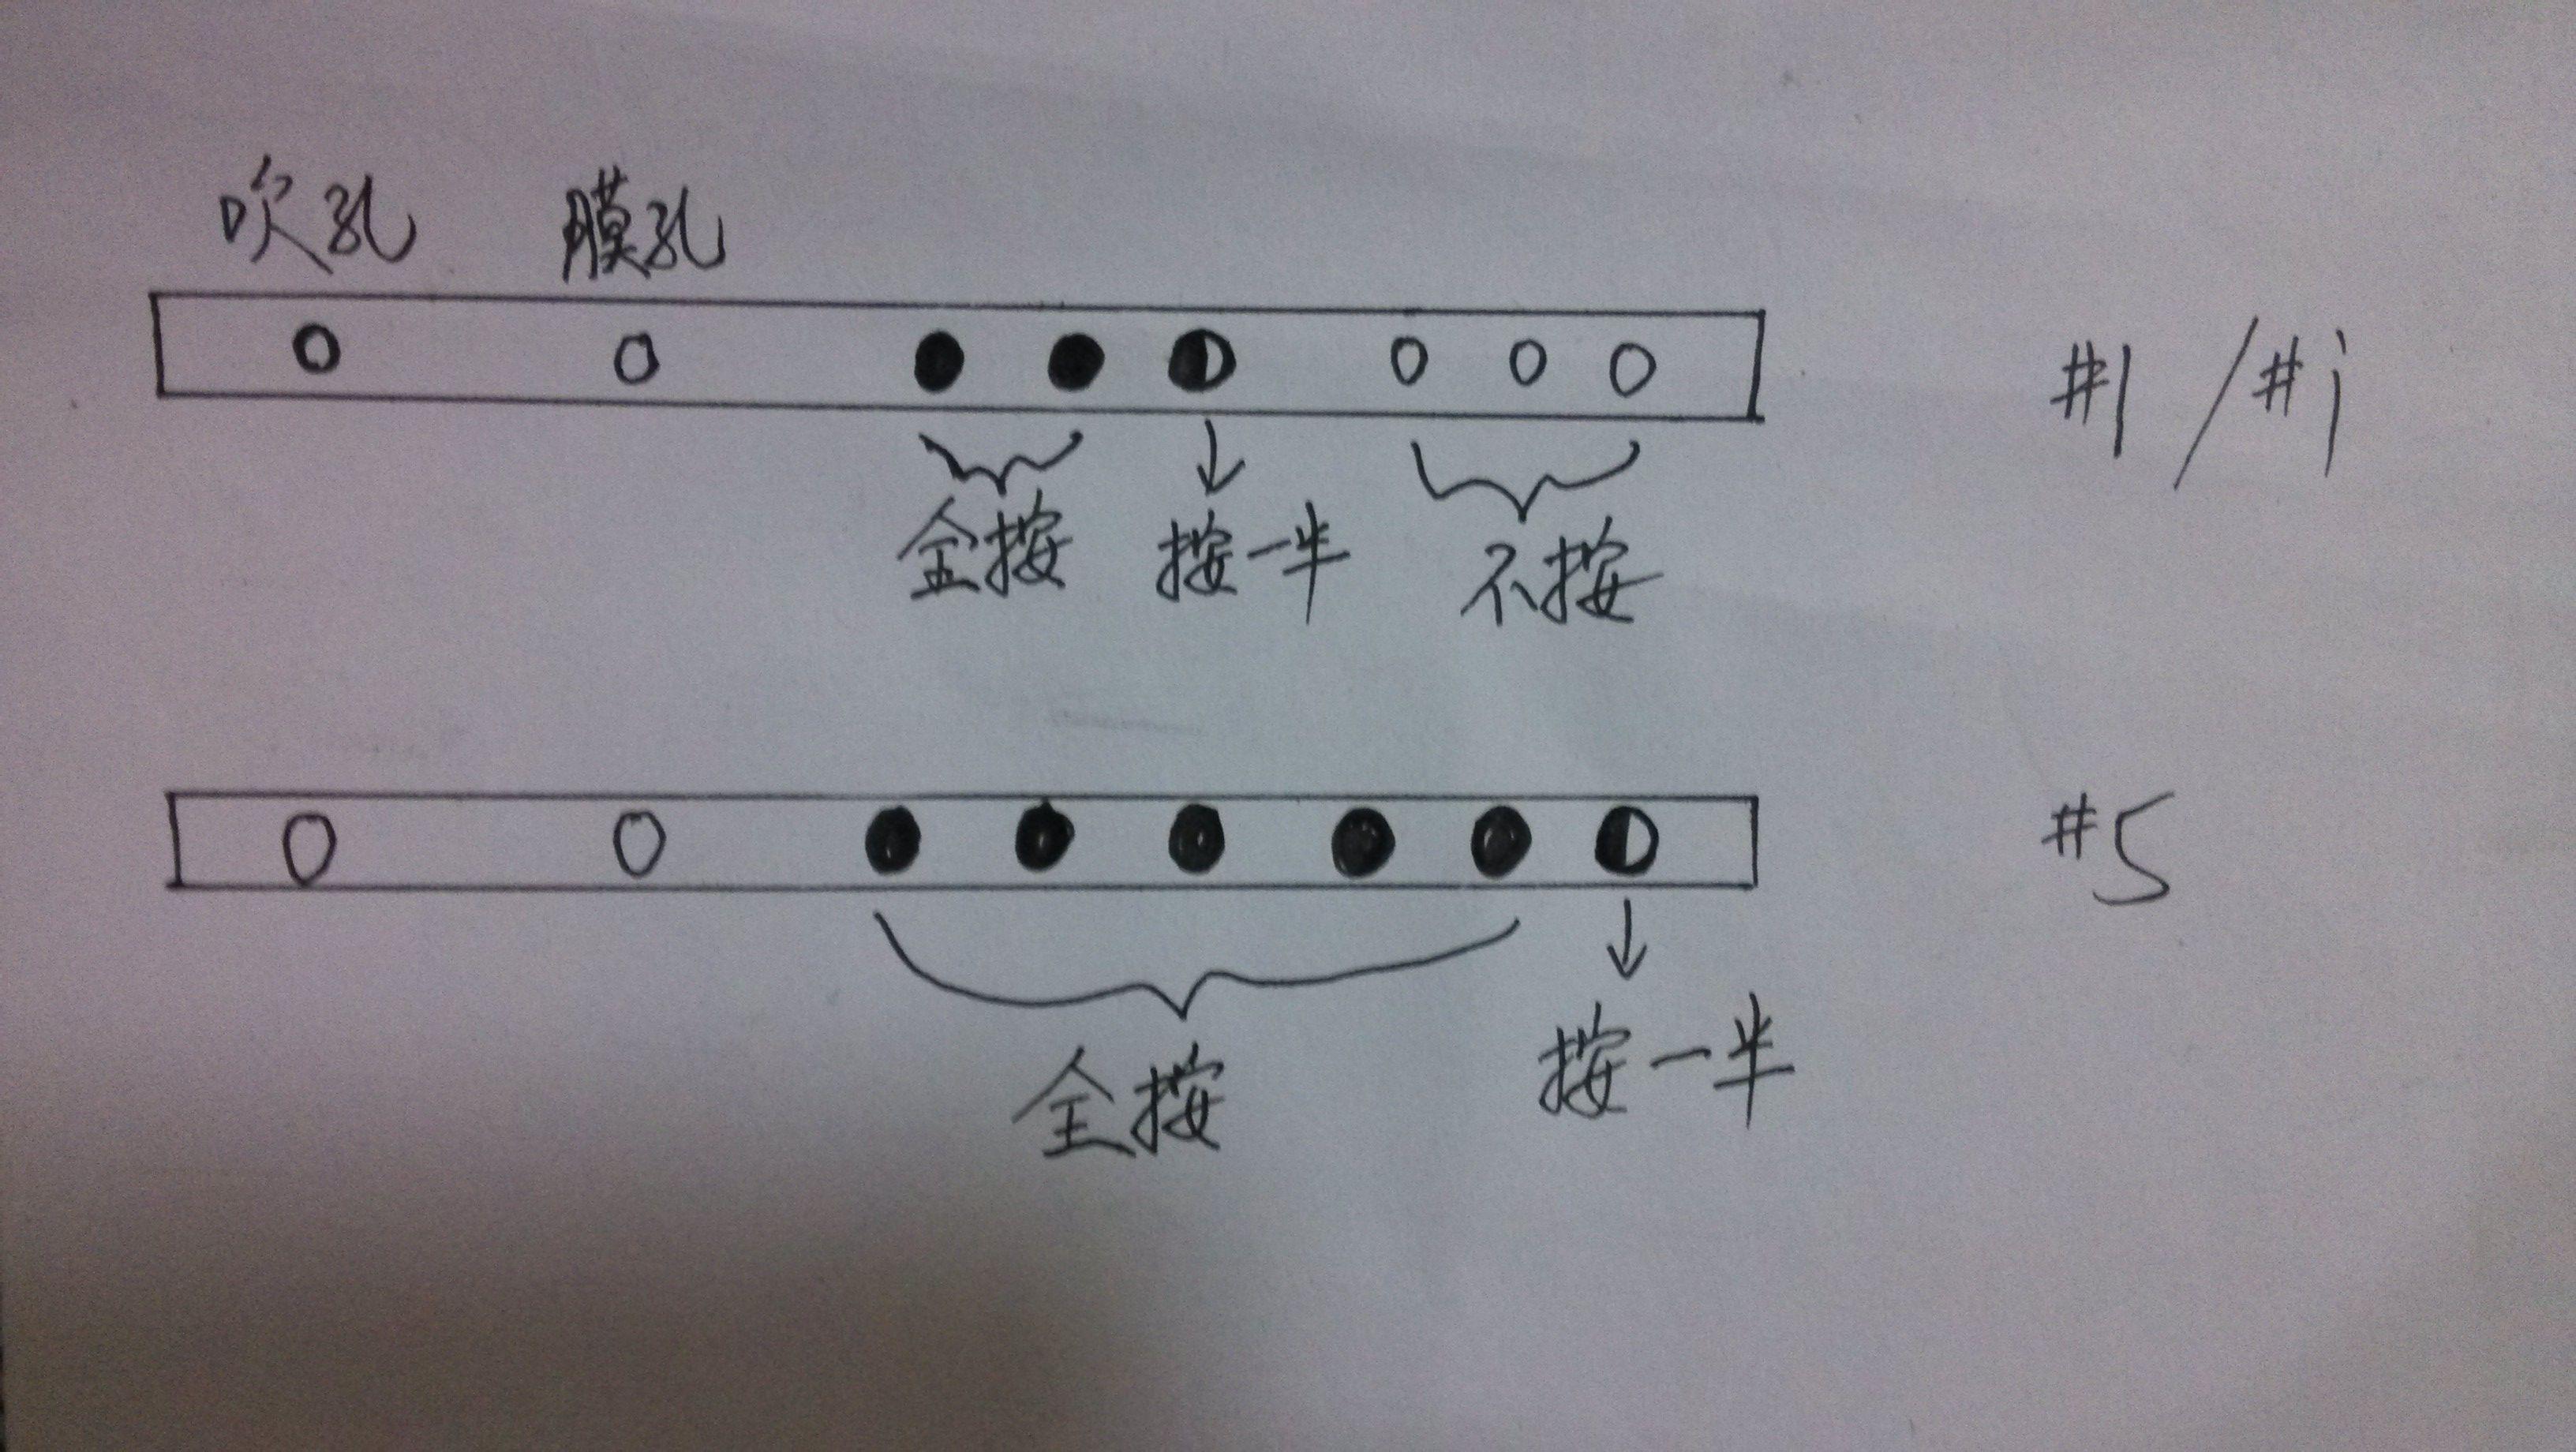 九孔箫的指法图解